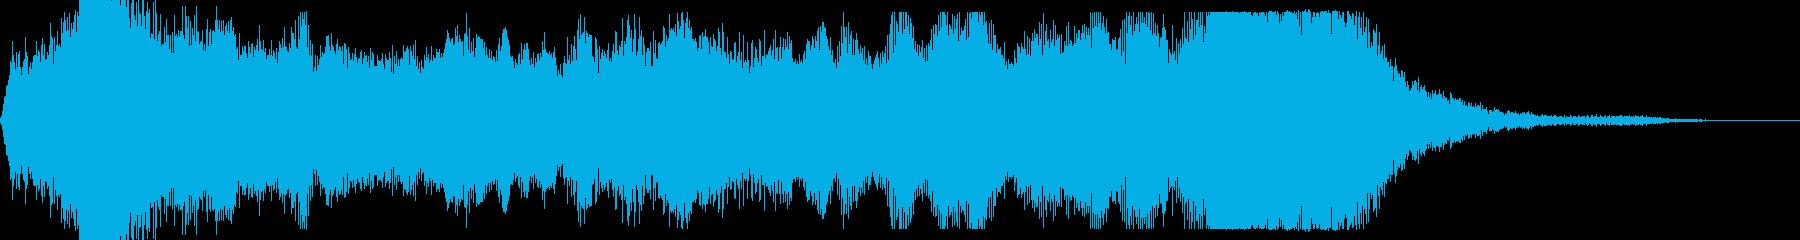 短めなオーケストラファンファーレの再生済みの波形